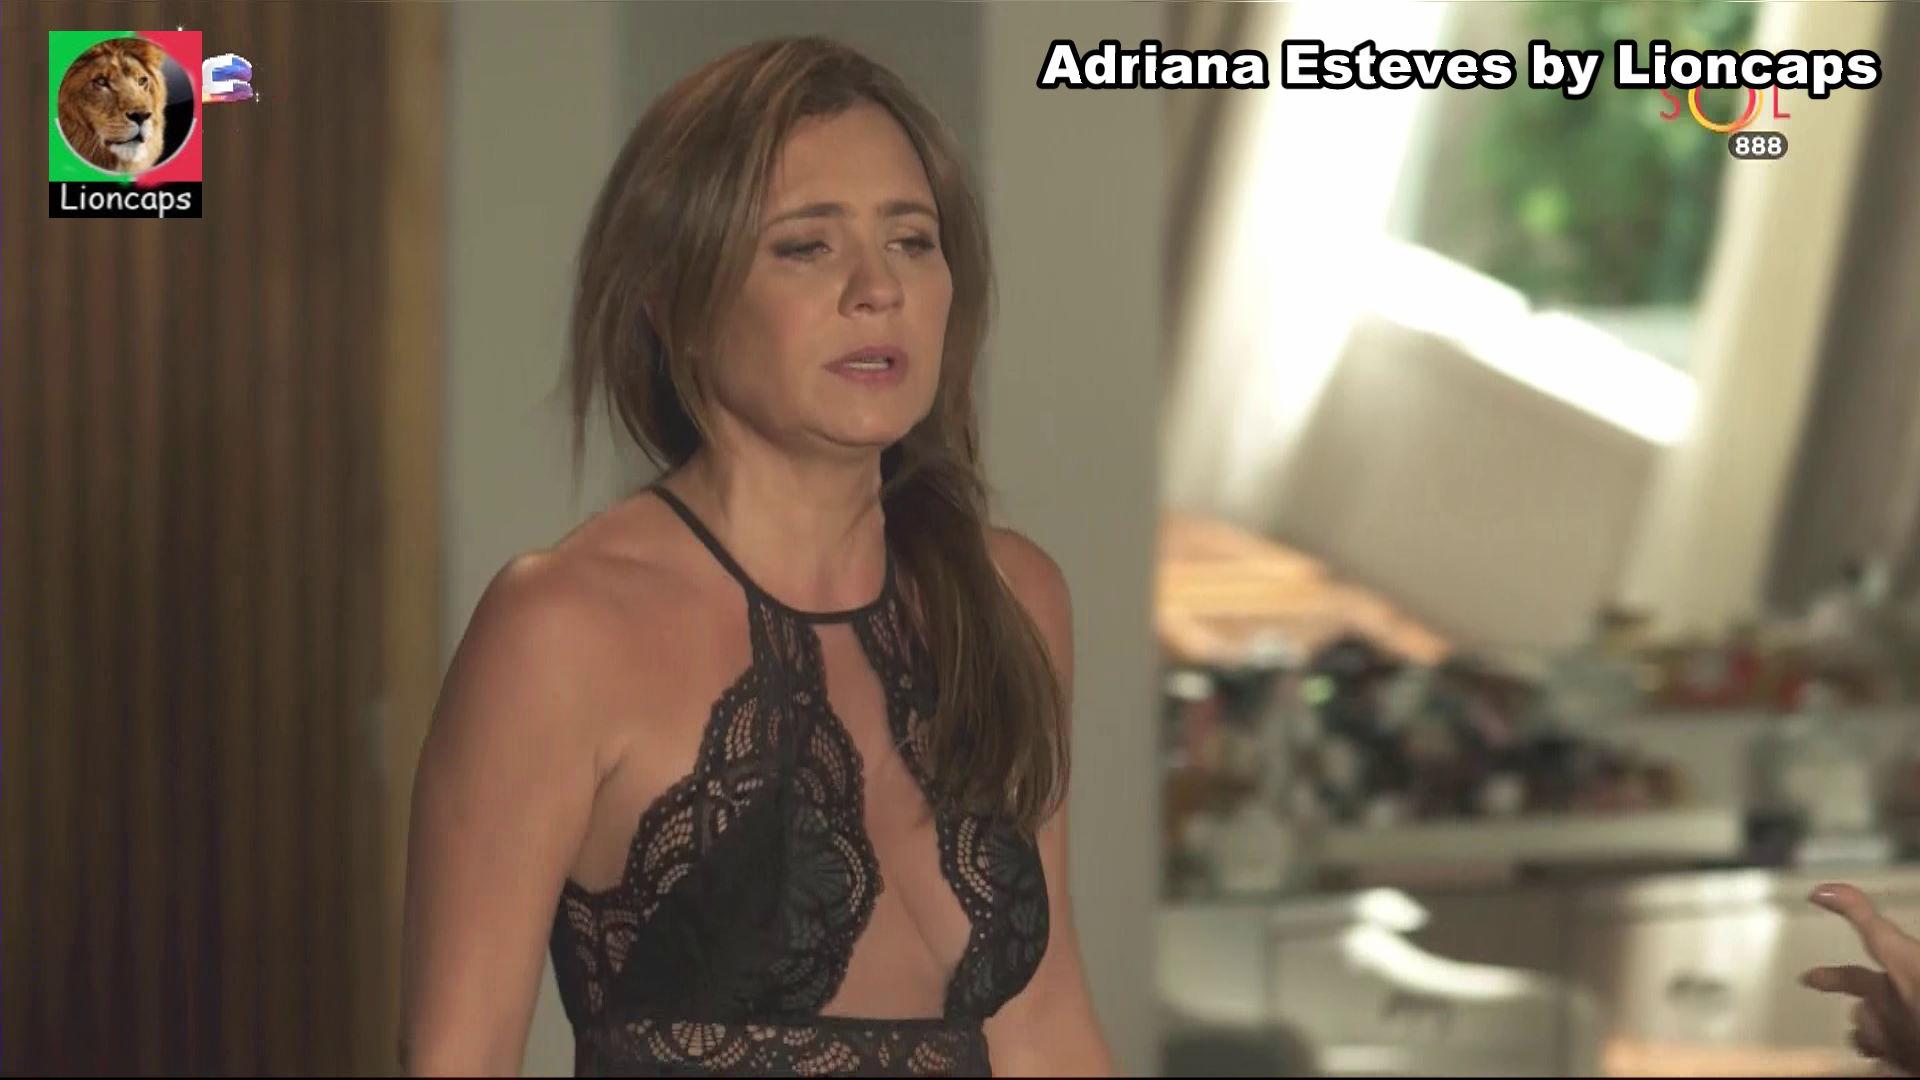 517967362_adriana_esteves_segundo_vs190305_1286_122_439lo.JPG